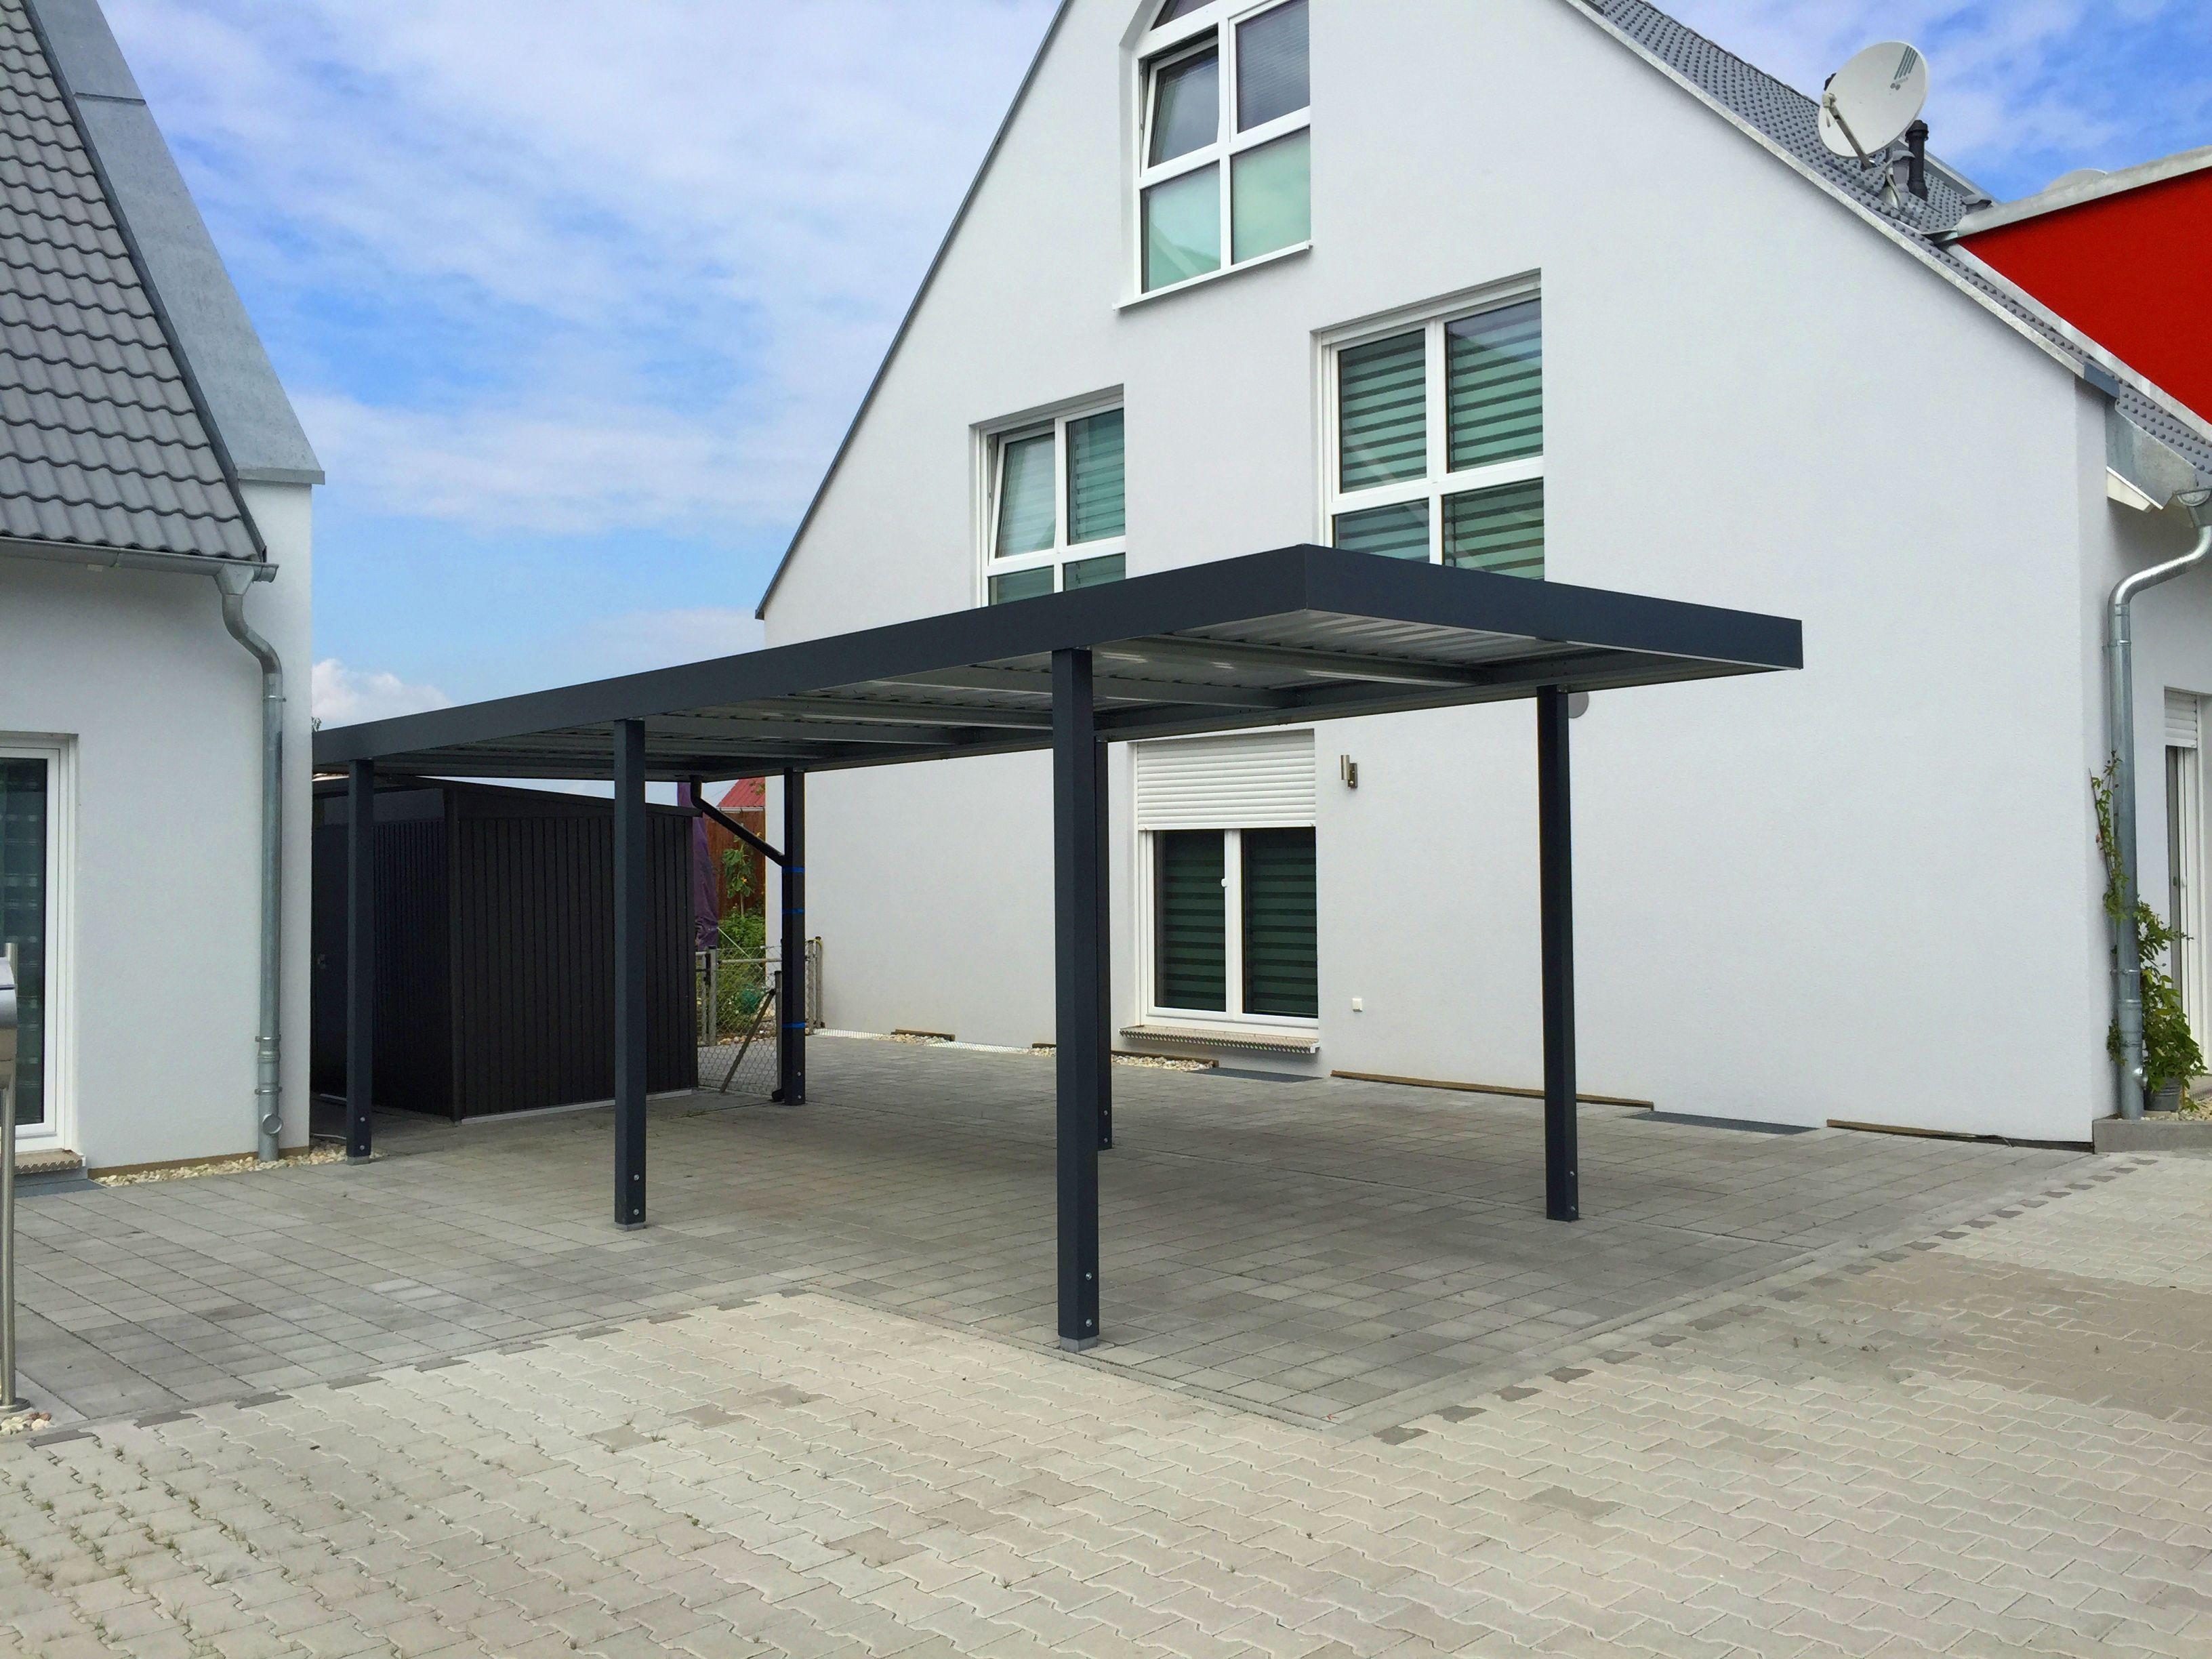 Elegant Myport Collection Of Einzelcarport In Anthrazit. Schlicht Und Elegant. #carport